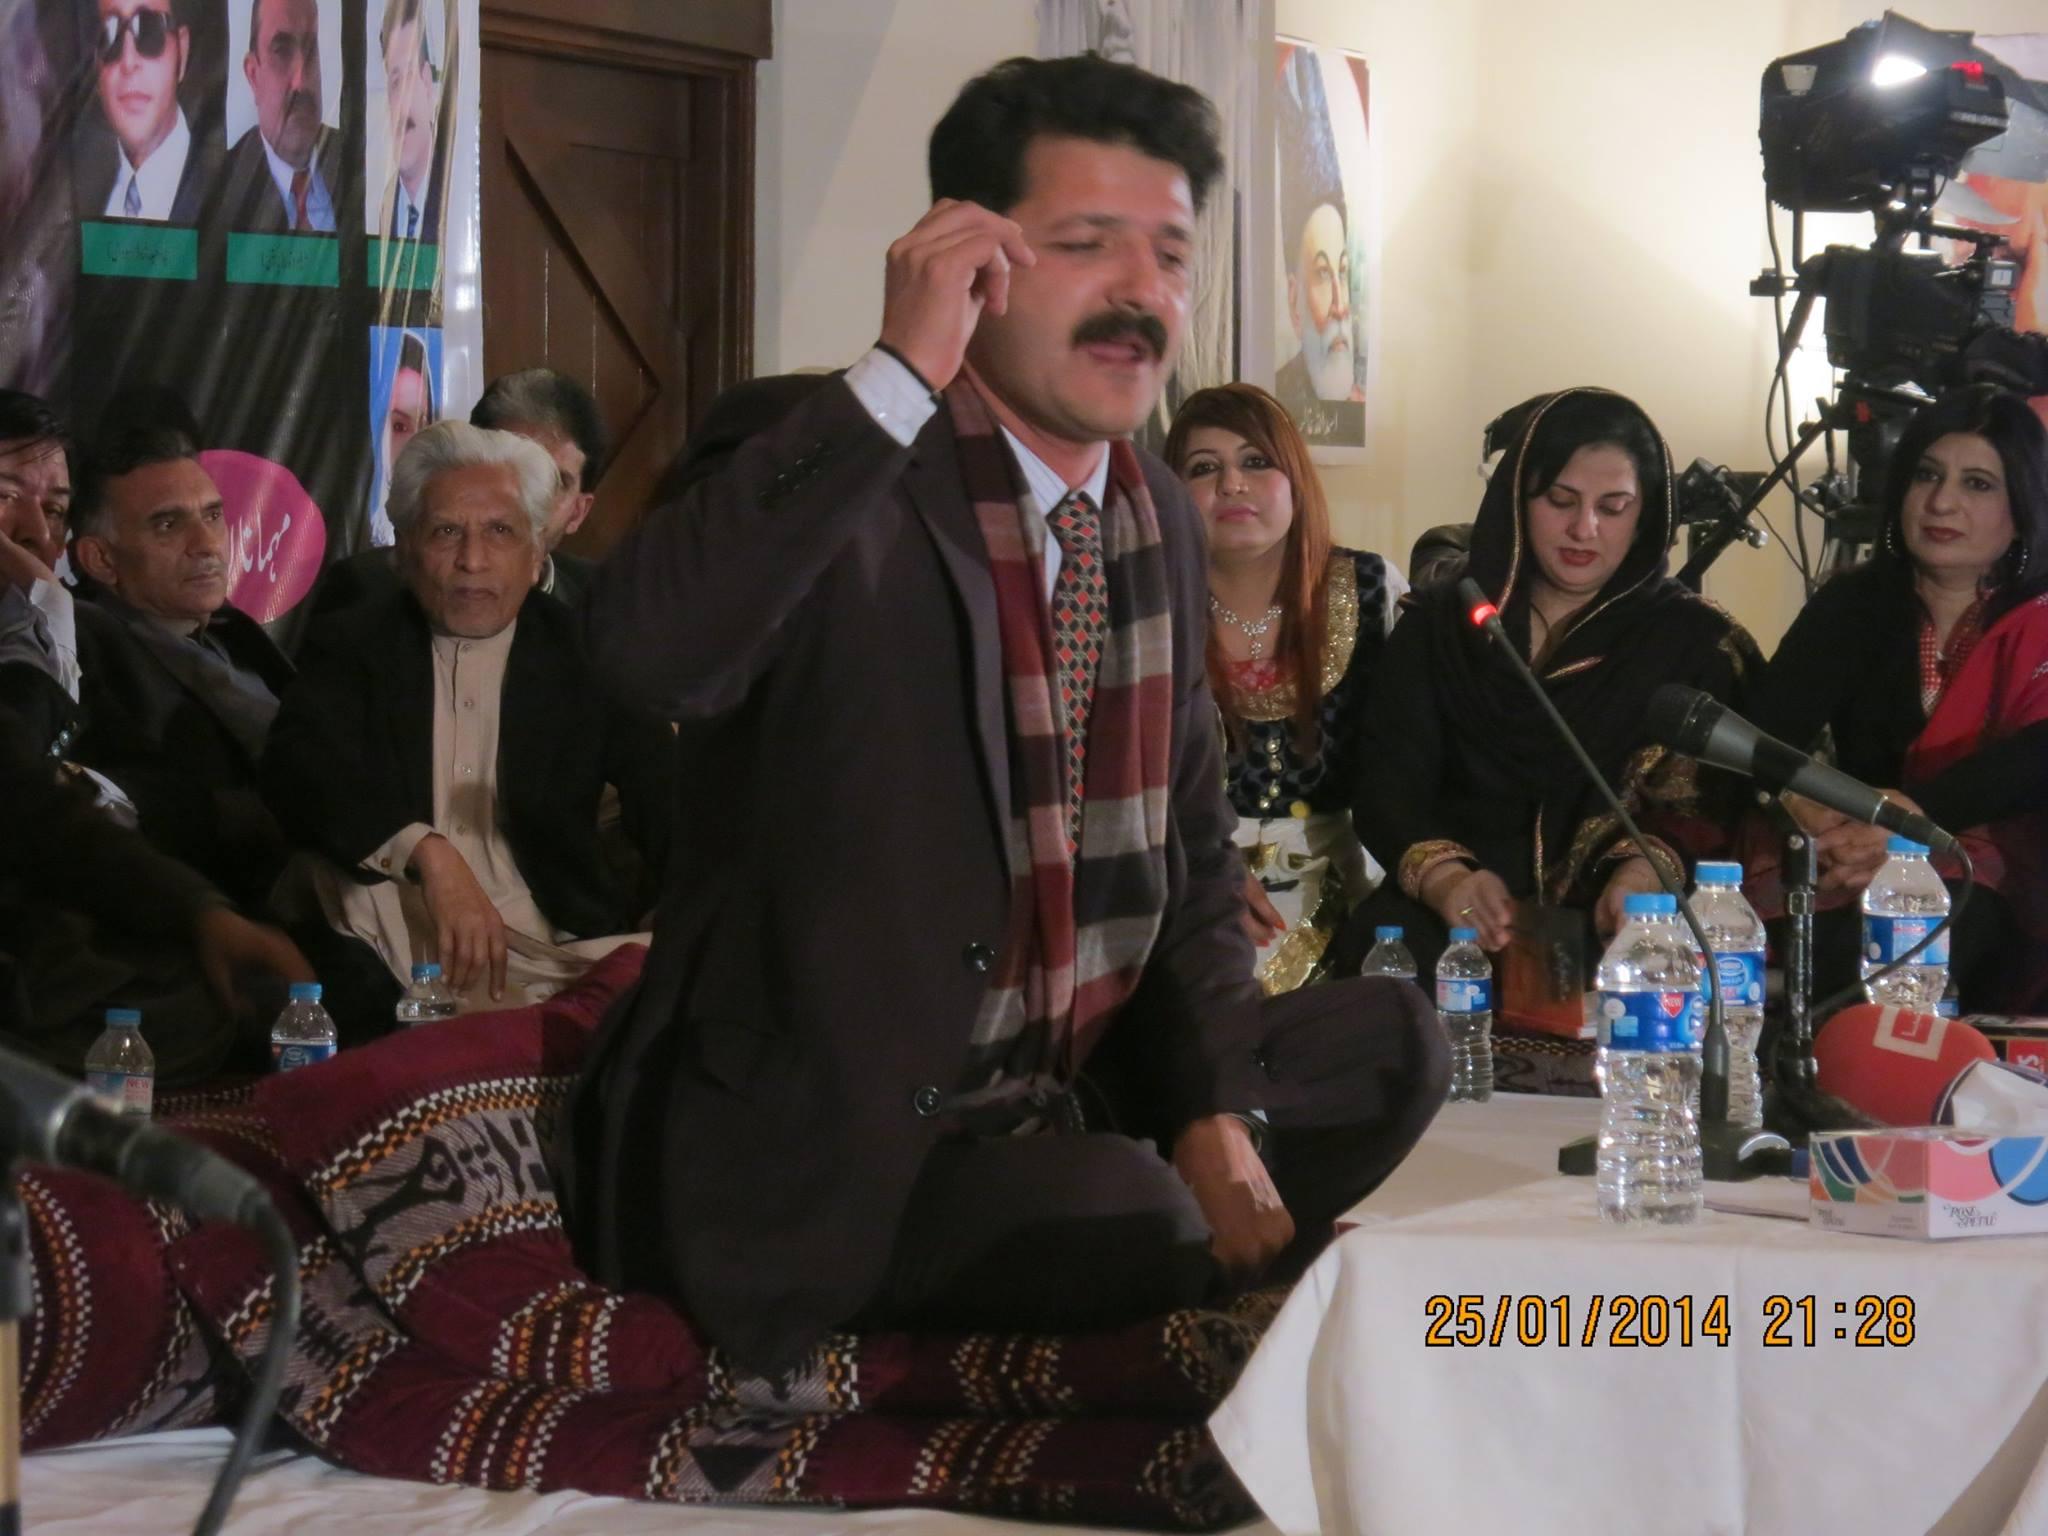 گلگت بلتستان کے نامور نوجوان شاعر شاہ عبدالطیف بھٹائی کانفرنس میں مقالہ پیش کریں گے